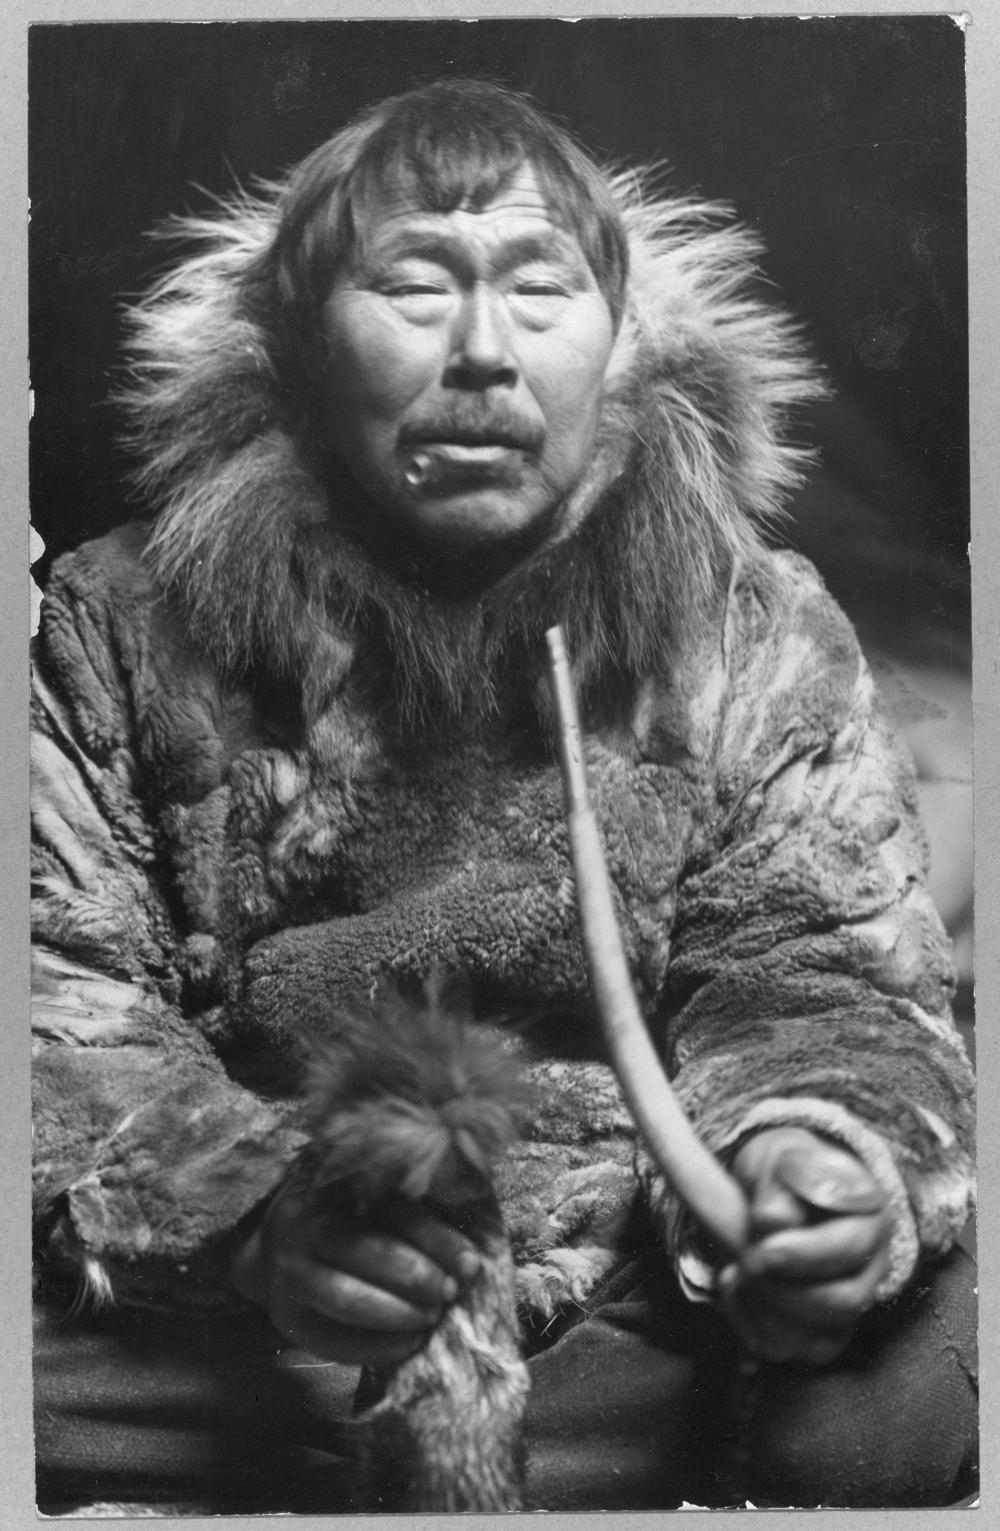 Eskimo smoking pipe